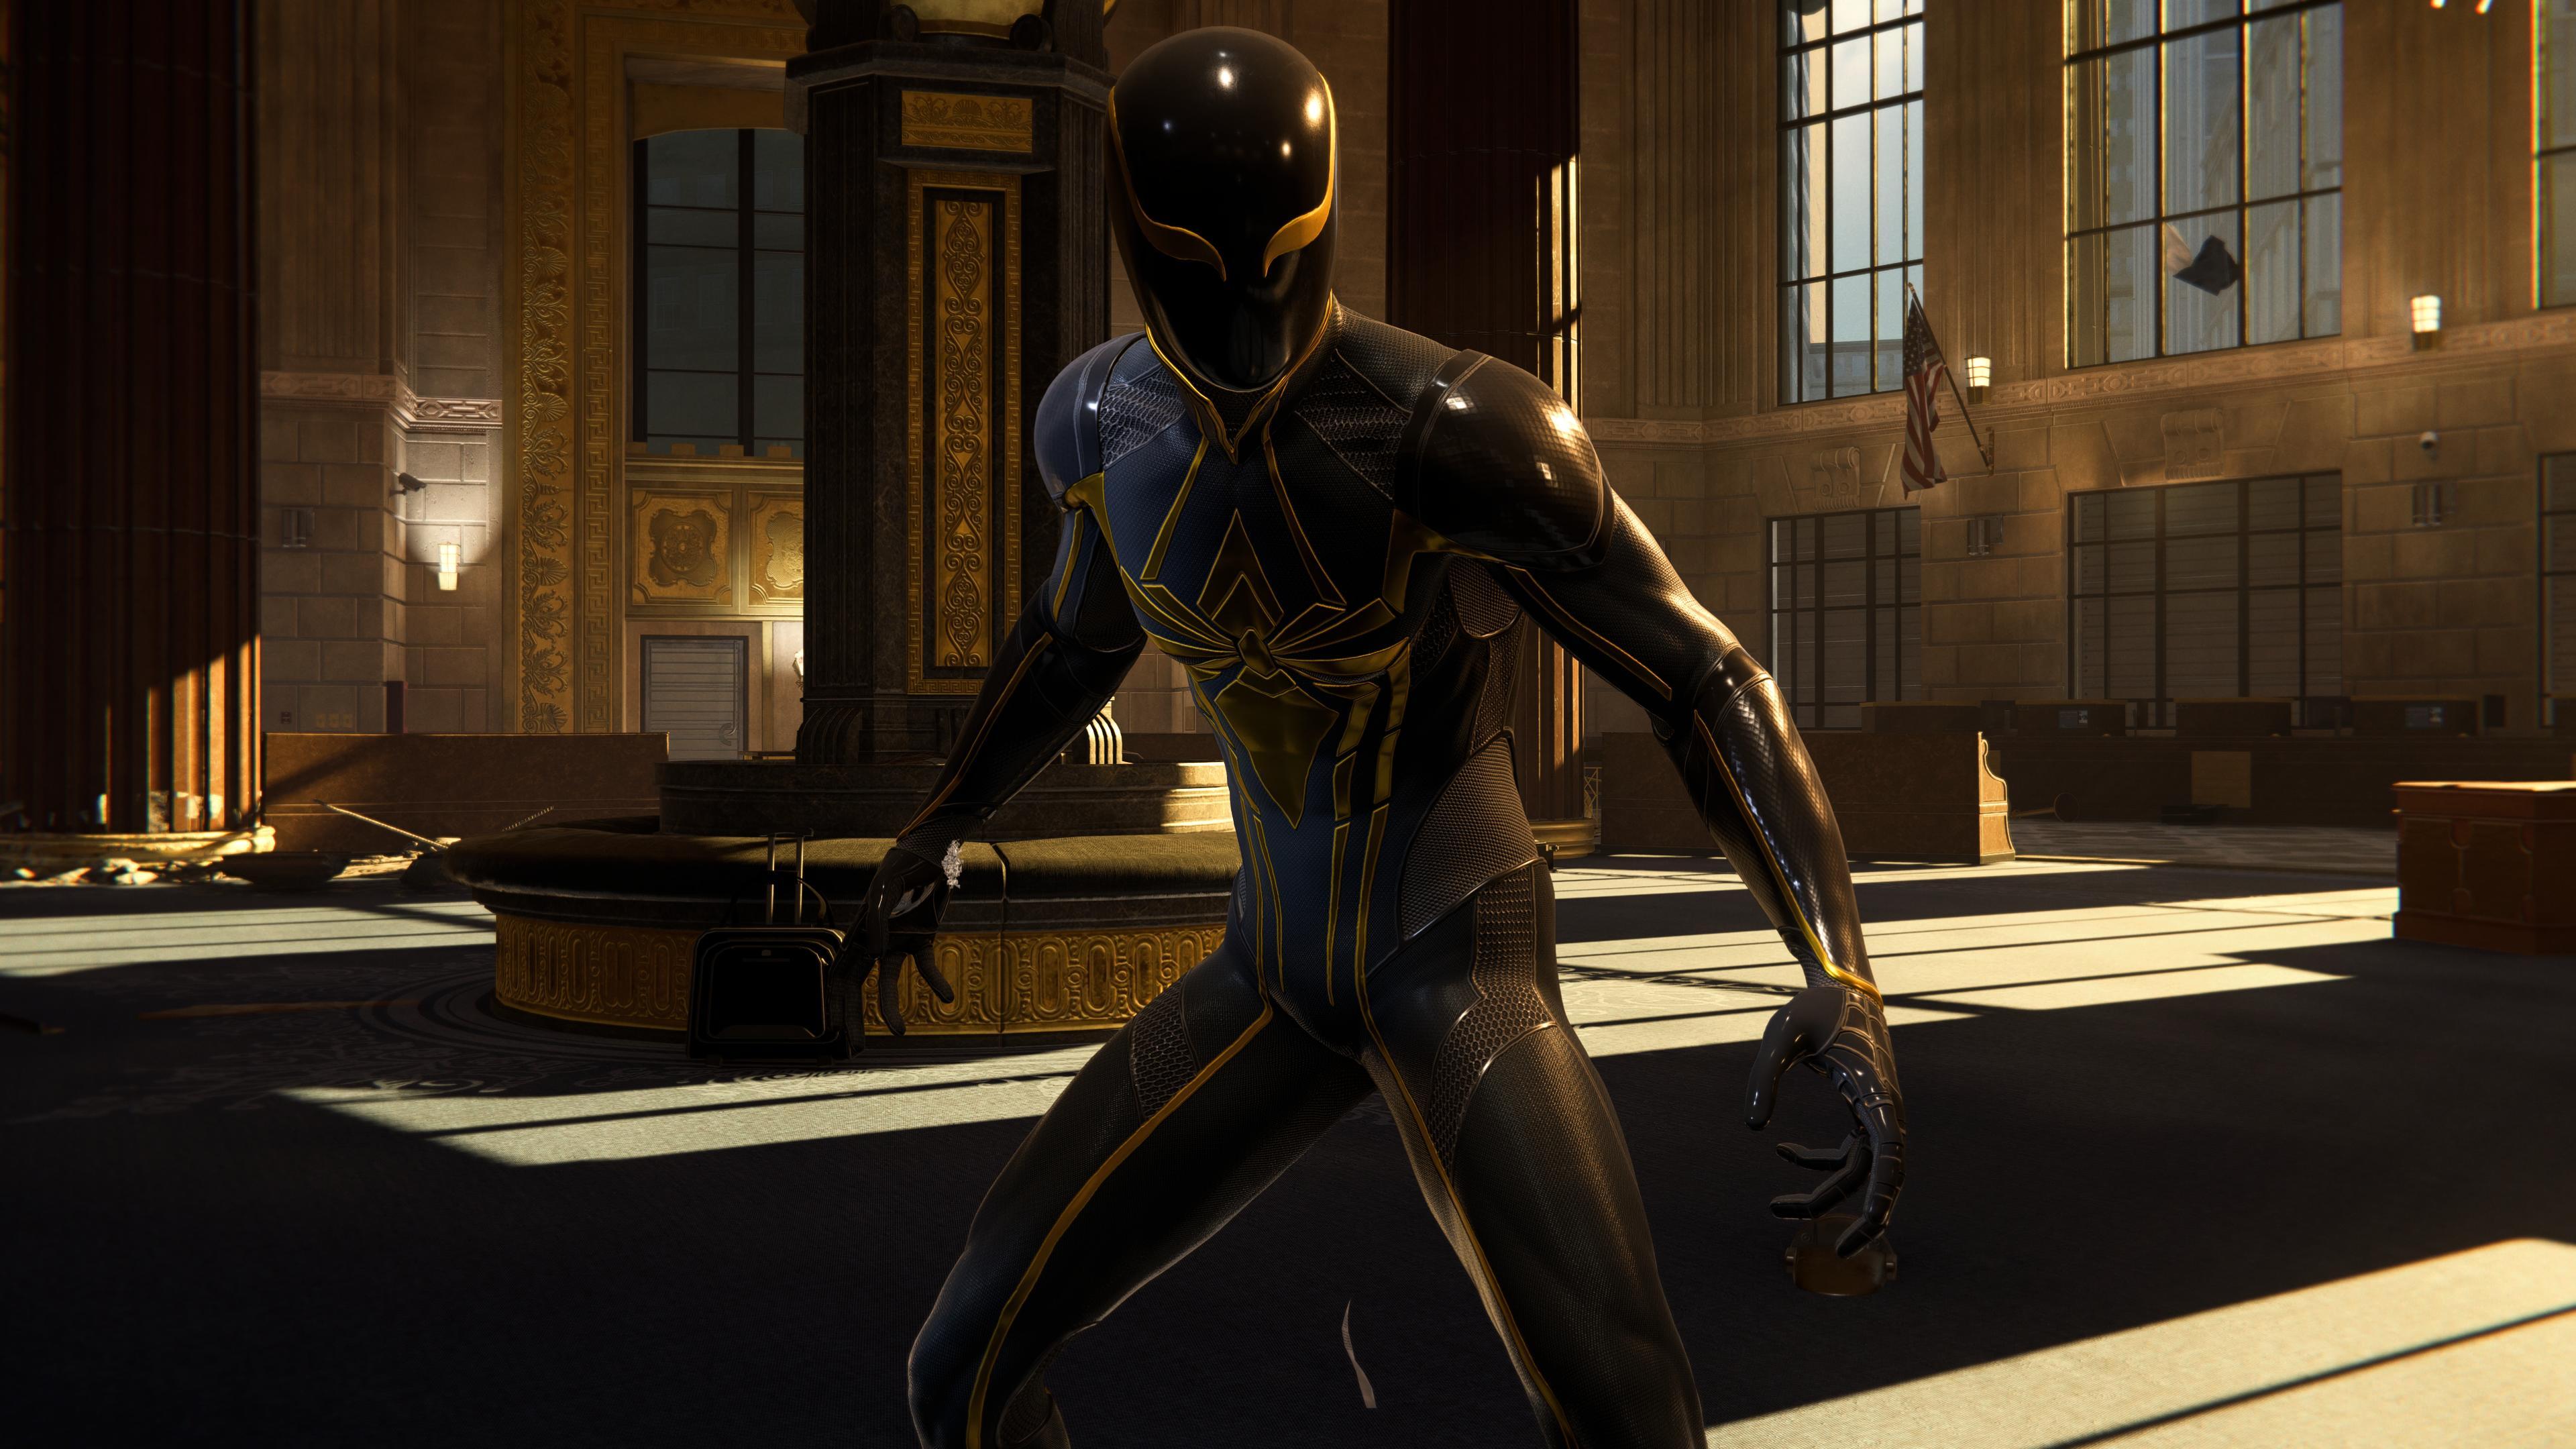 https://i.ibb.co/4trpM0g/Marvel-s-Spider-Man-Remastered-20210511235916.jpg